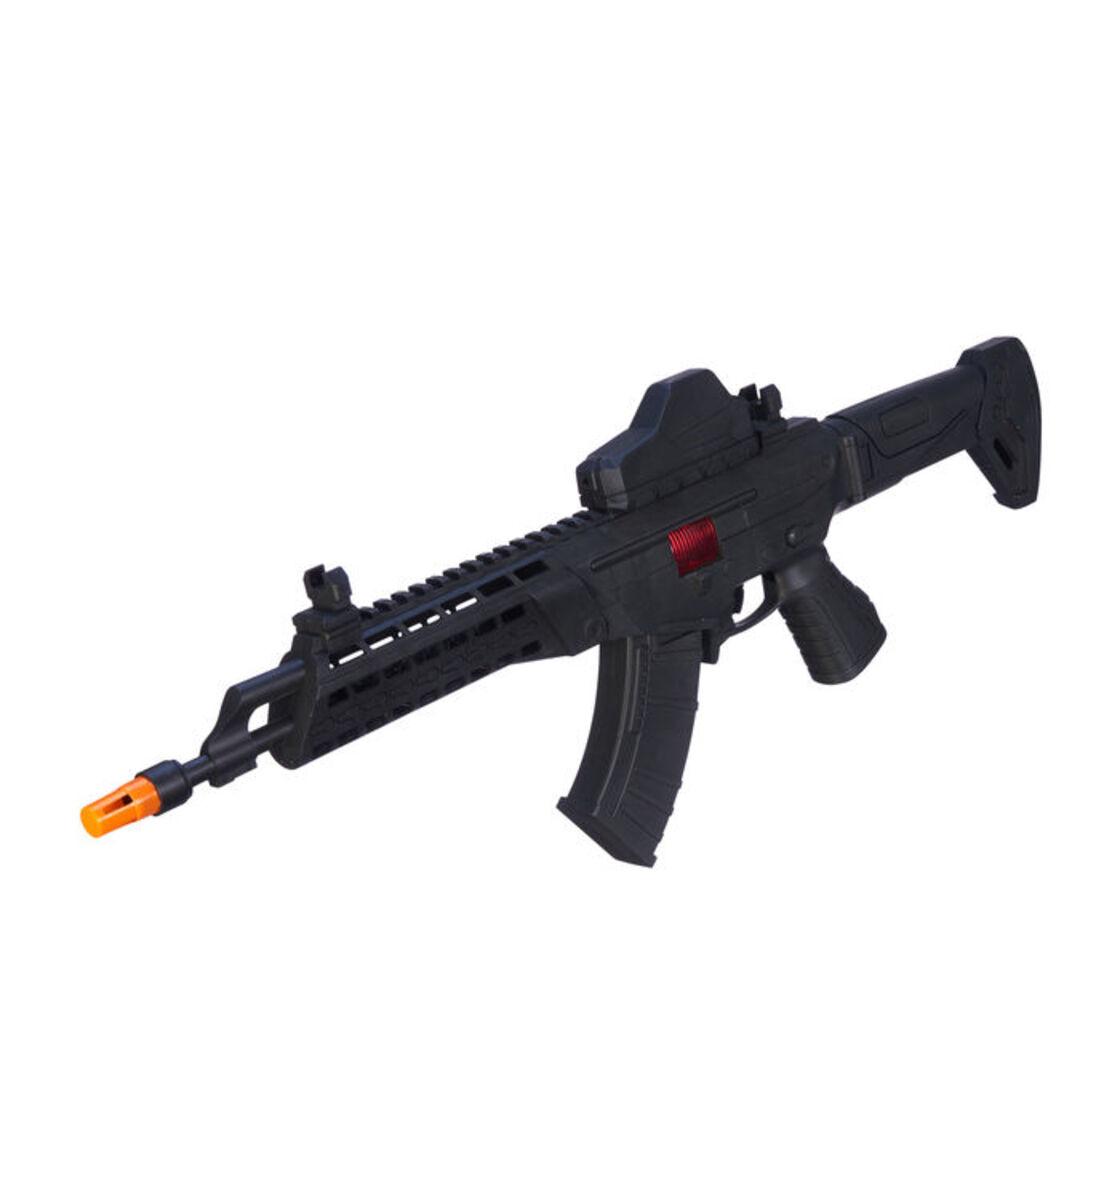 Bild 3 von Spielzeuggewehr